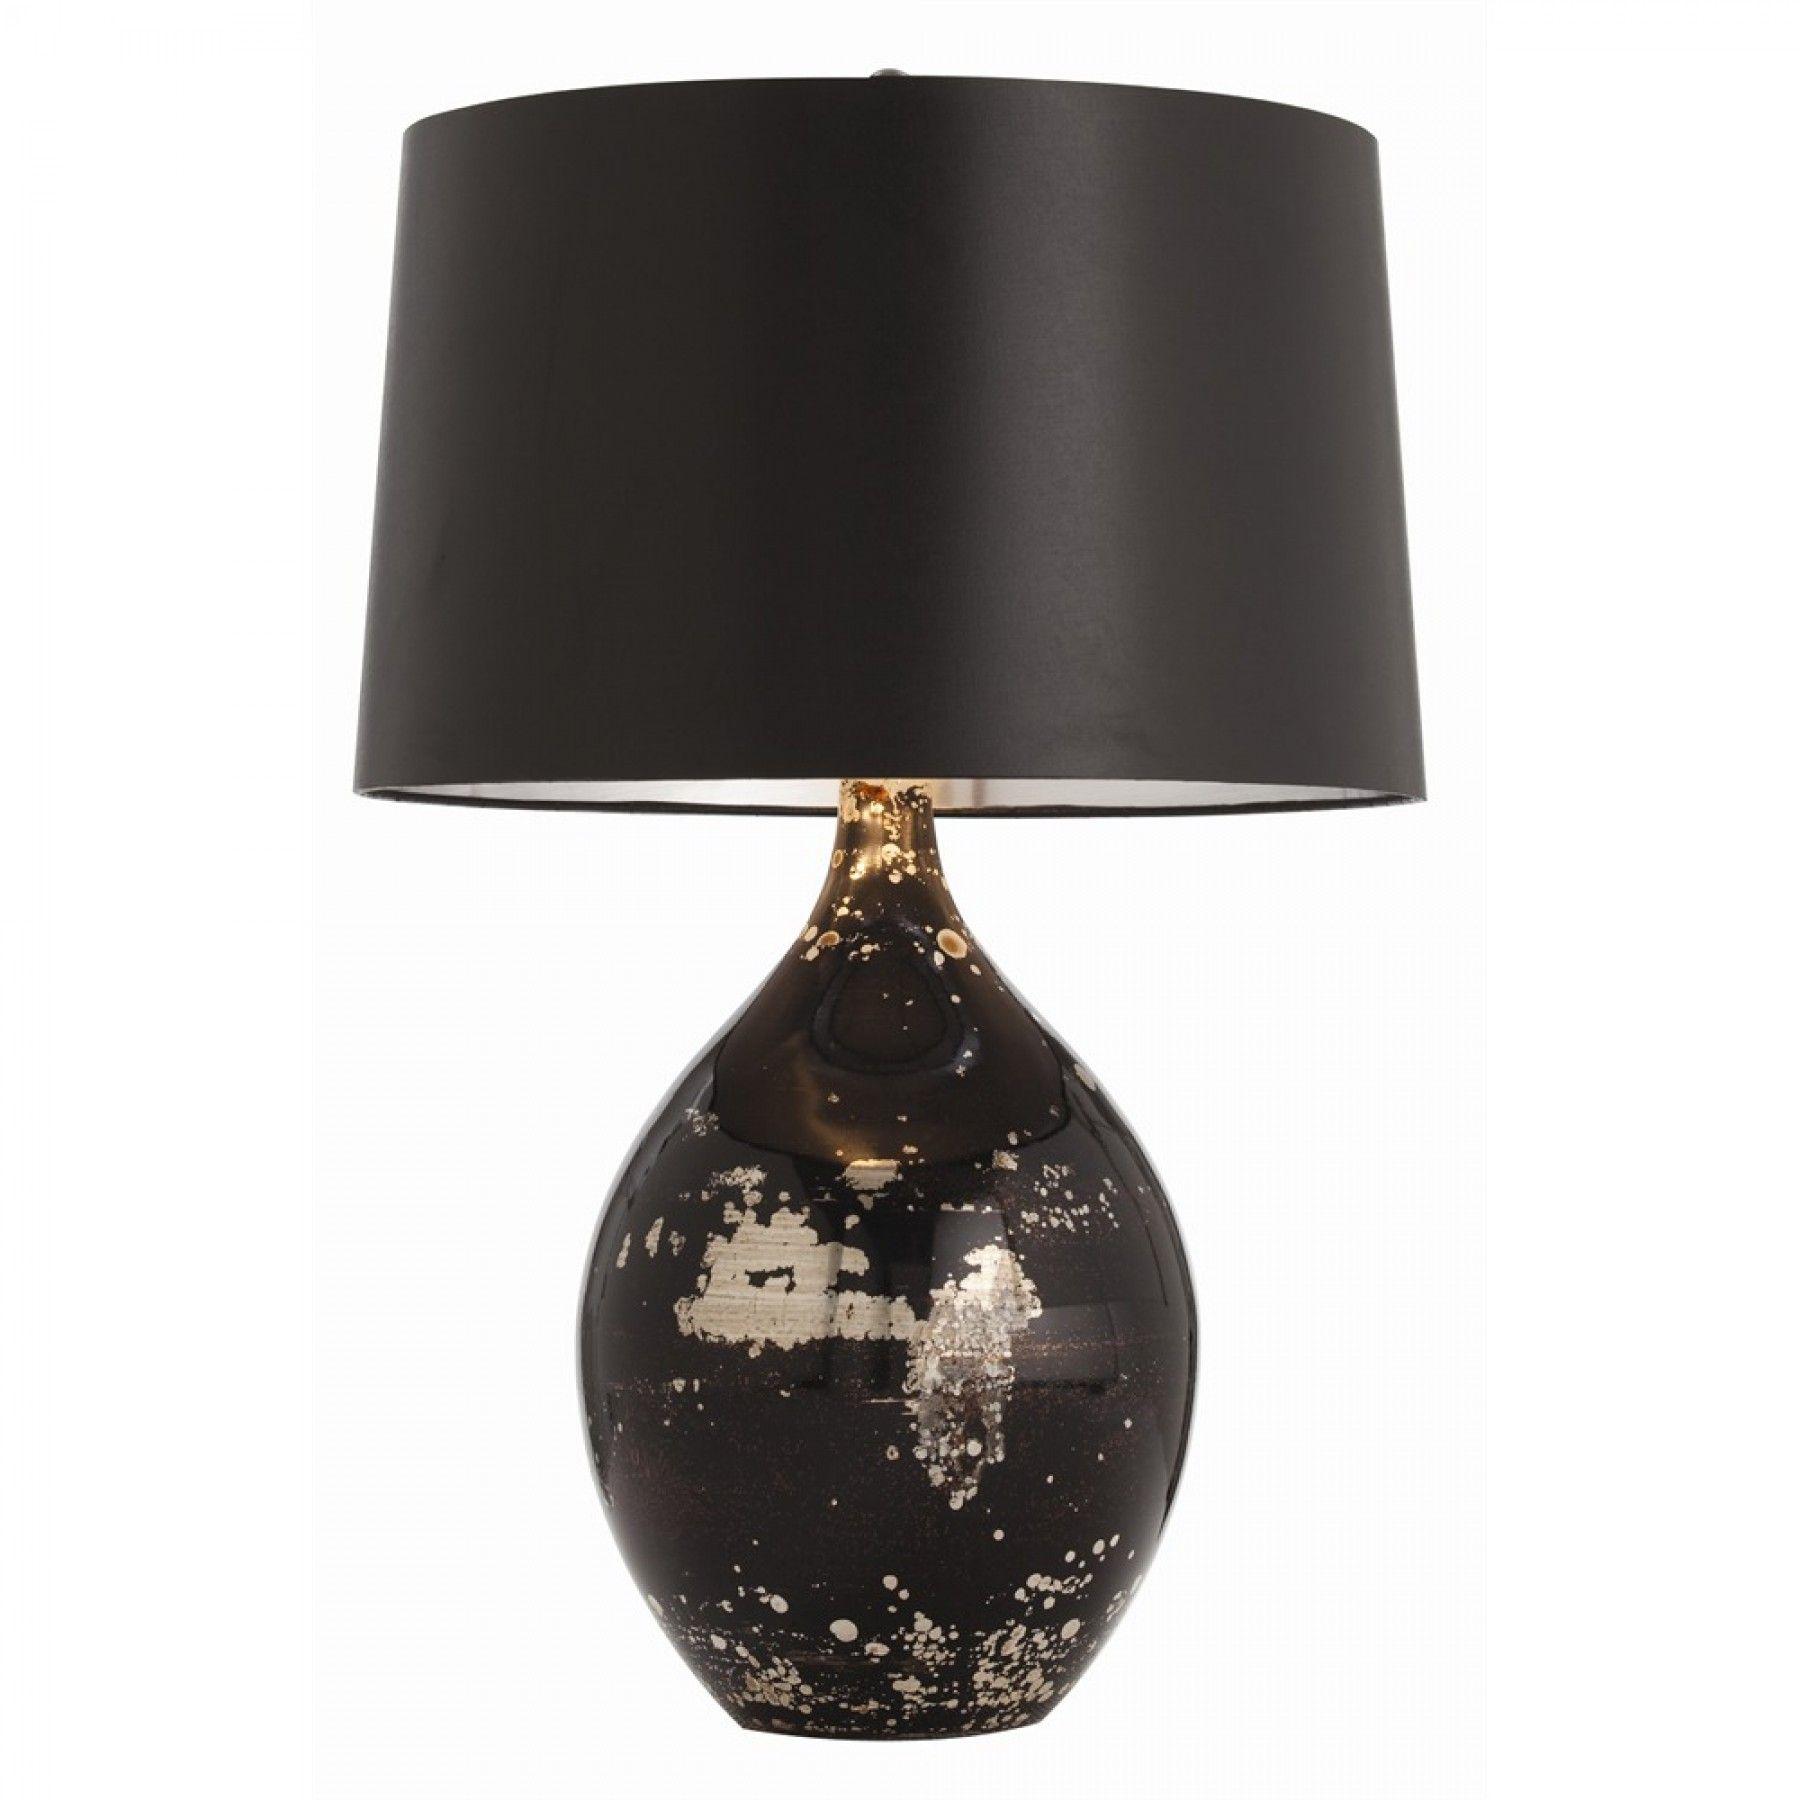 Cool Moderne Tischlampen Ideen Von Schwarze Tischlampen, Tischlampen, Tischlampen, Eklektische Tischlampen, Lampentisch,